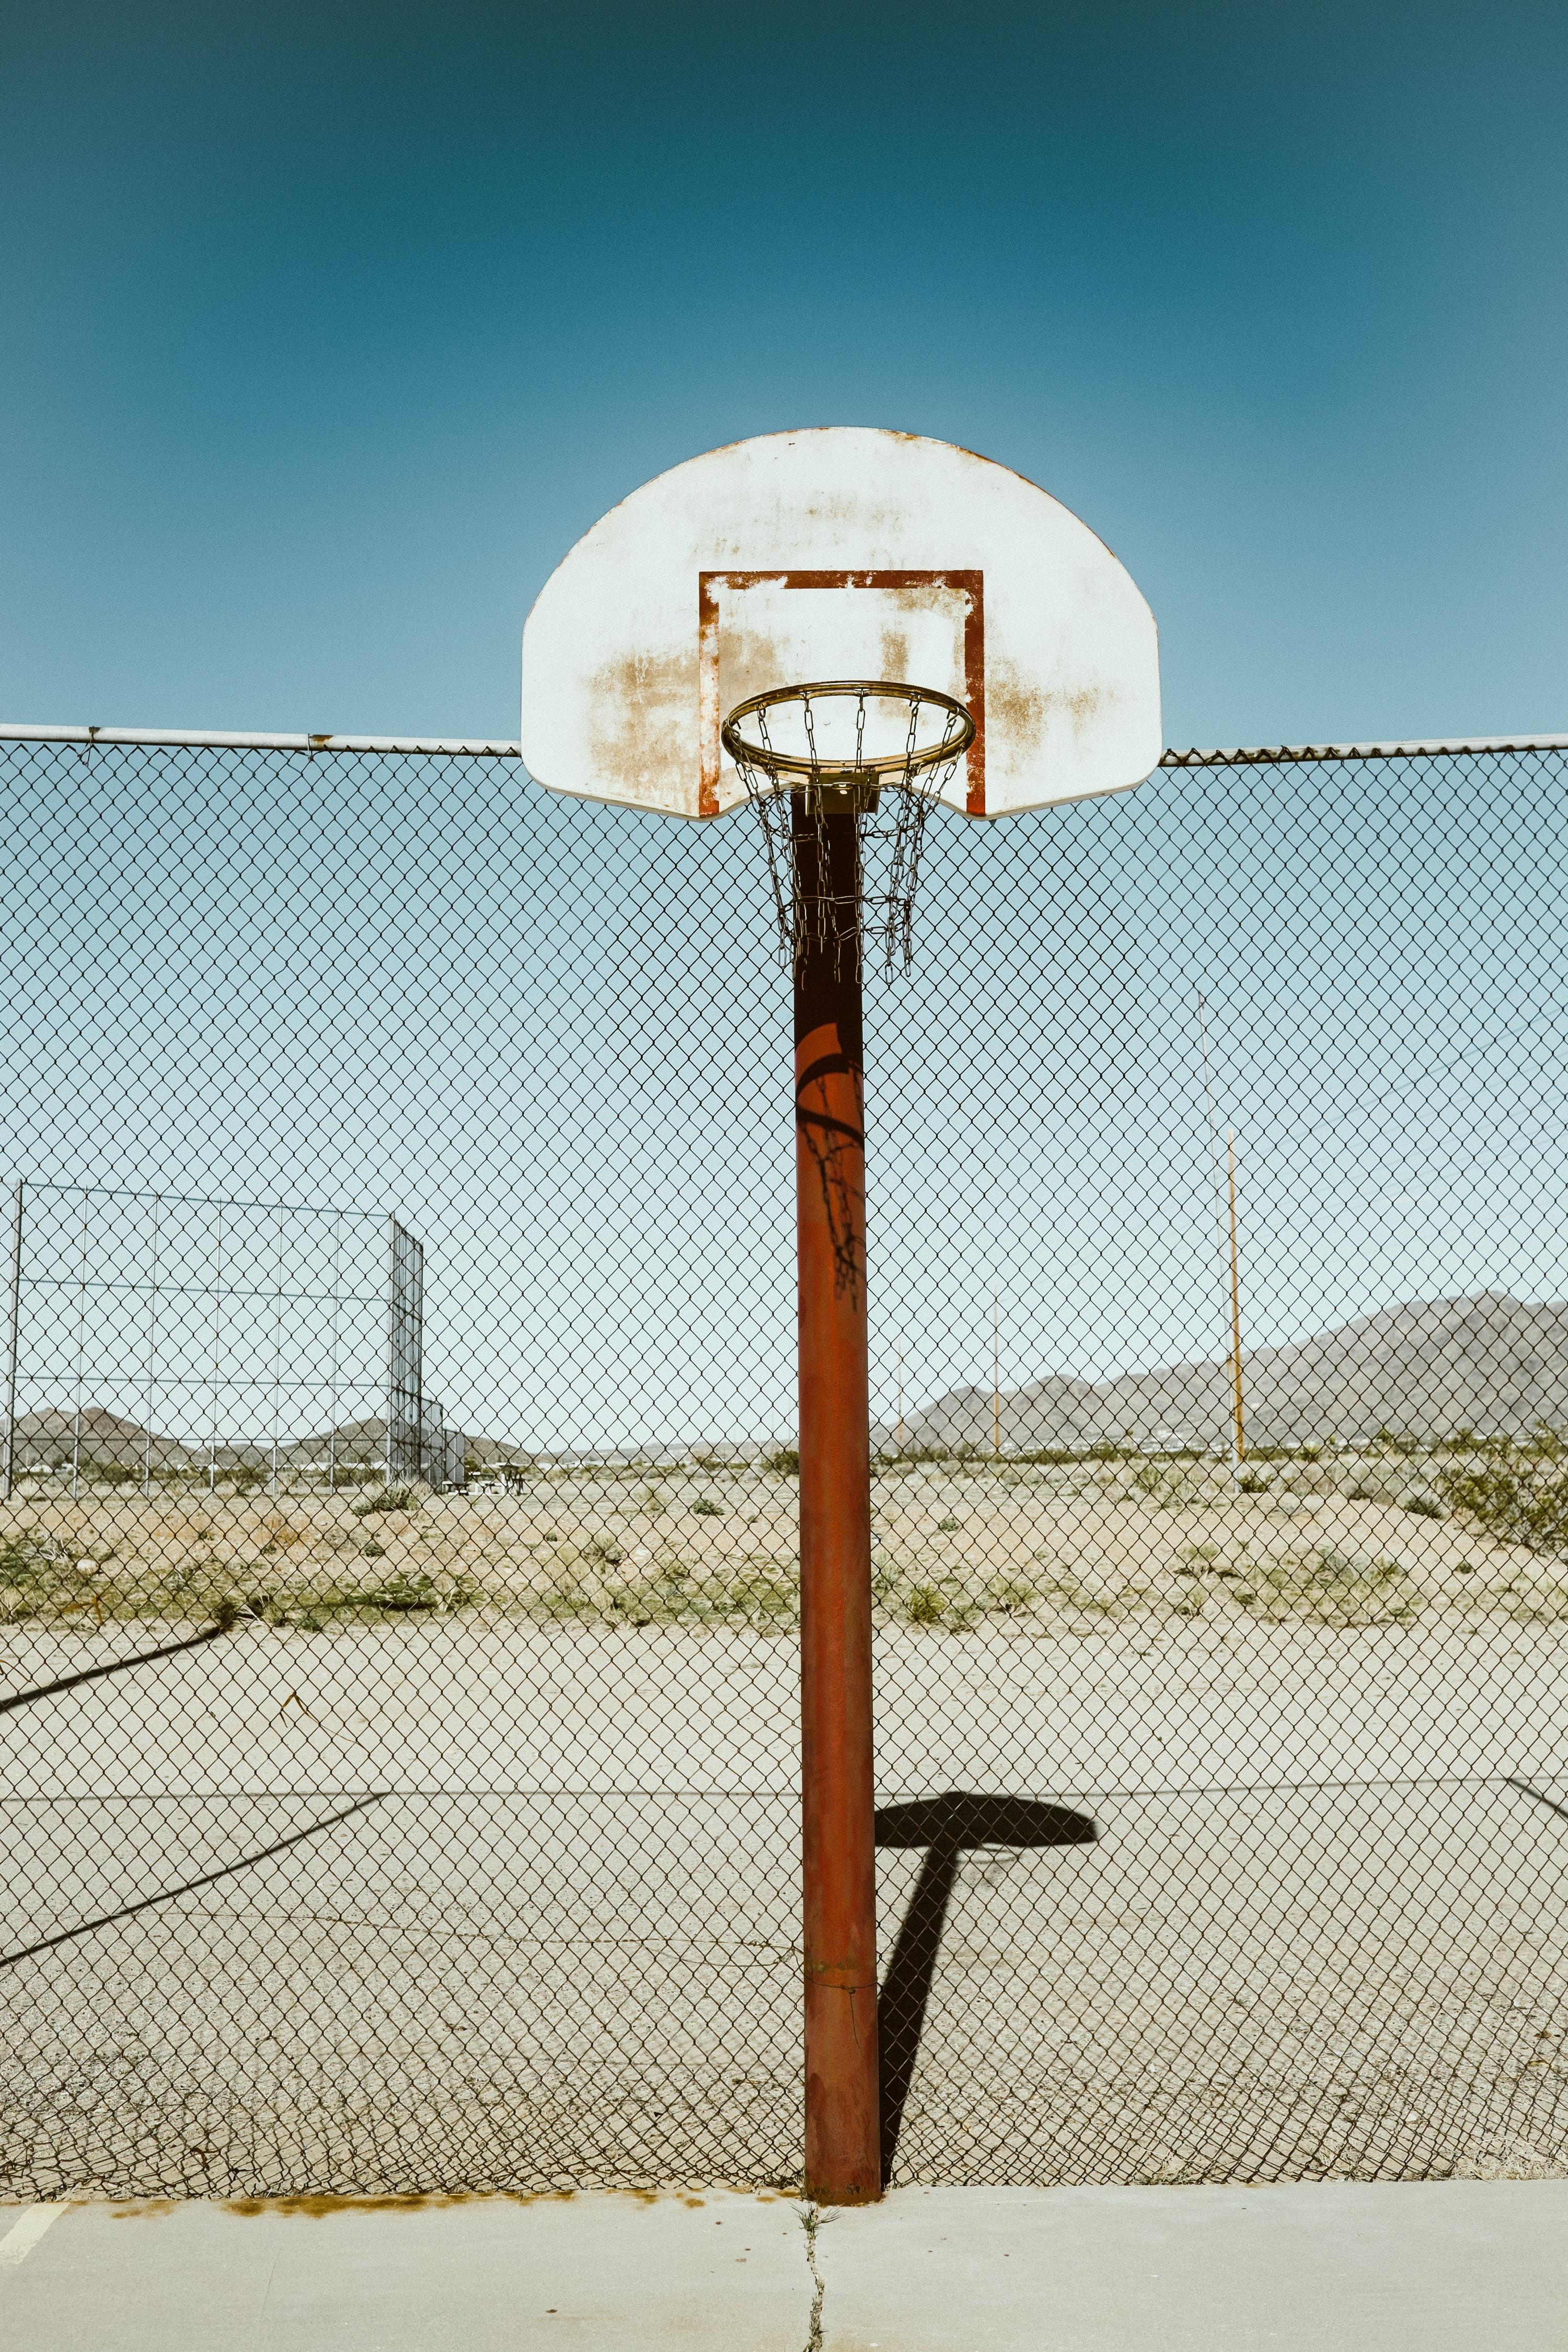 basketball hoop near fence